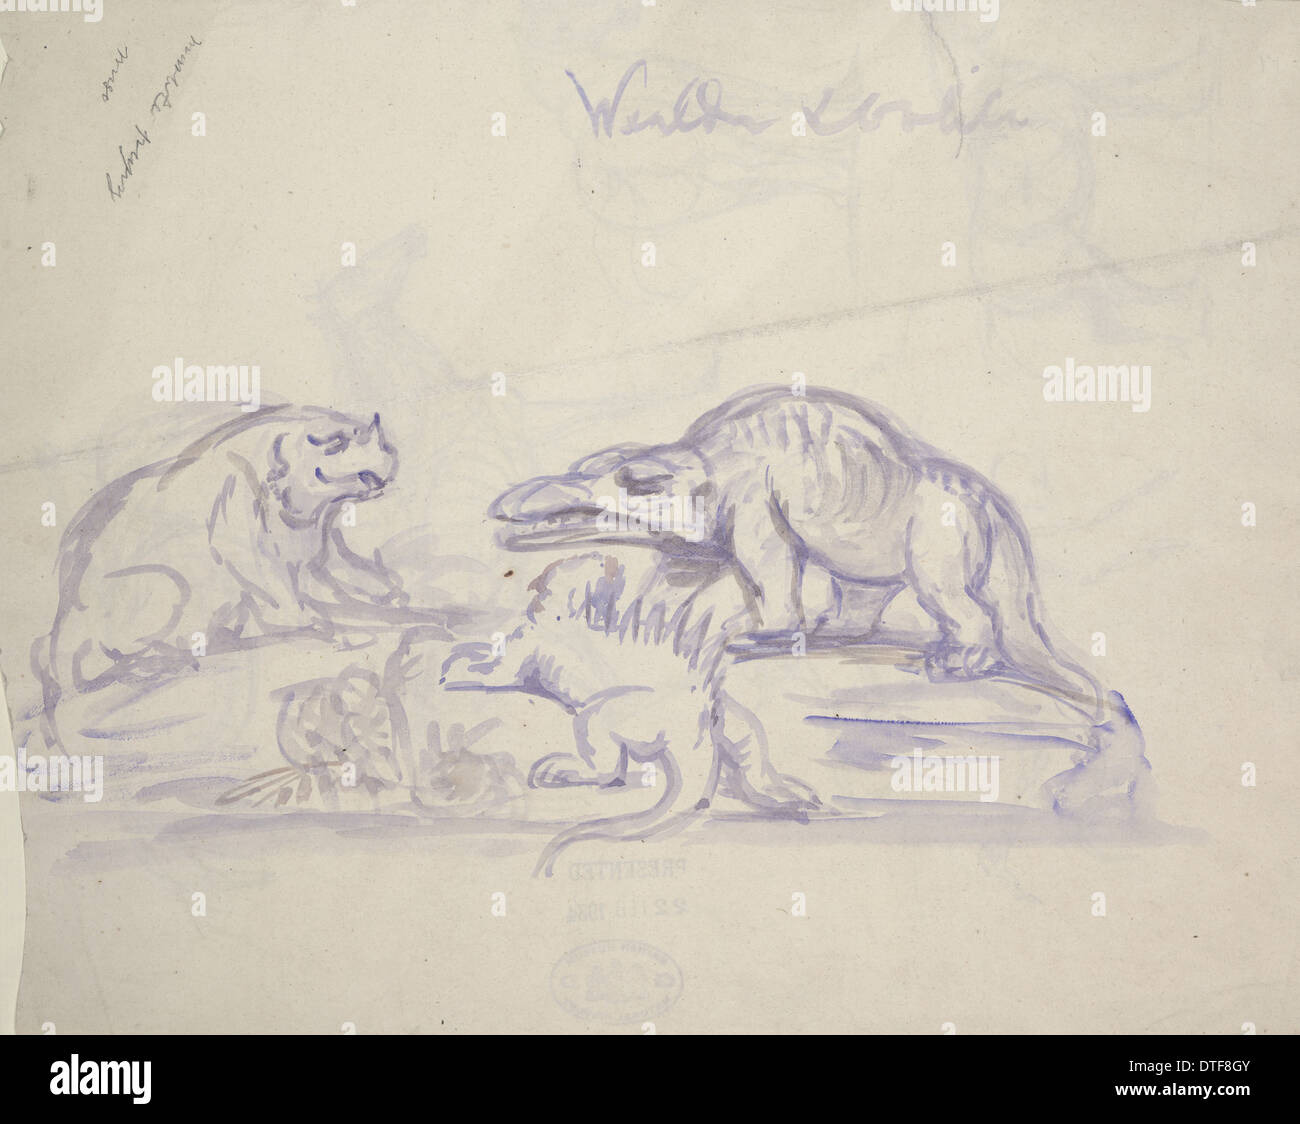 Pre-histórico criaturas por Benjamin Hawkins Imagen De Stock